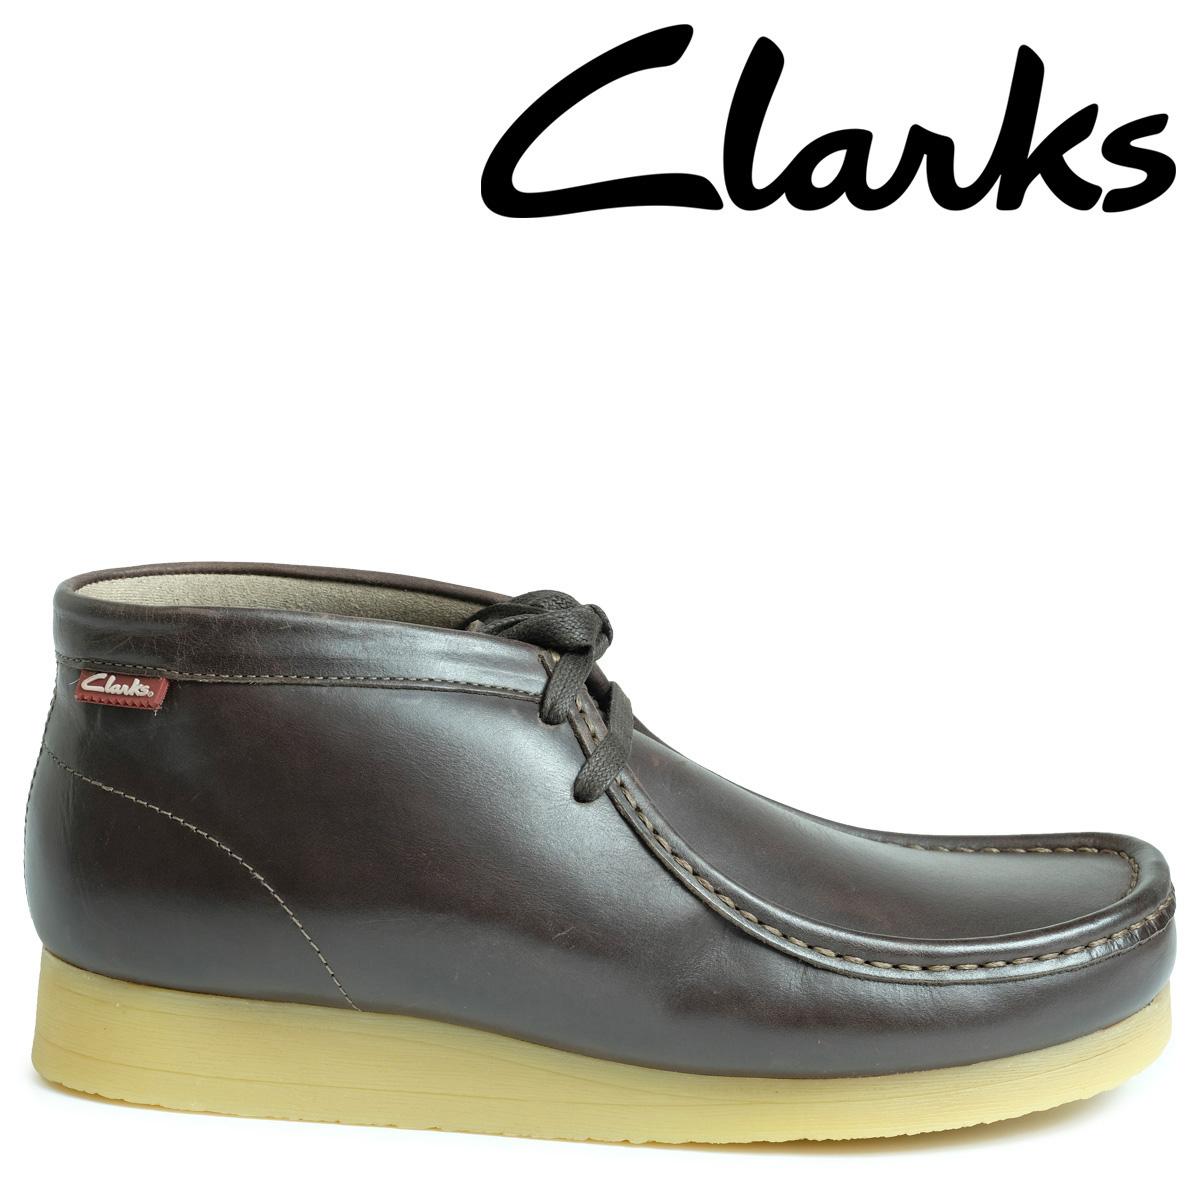 【即出荷】 Clarks ワラビー ブーツ メンズ ワラビー 靴 クラークス STINSON ブーツ HI 26129530 靴 ダークブラウン, AOIデパート:3efa0f2a --- clftranspo.dominiotemporario.com